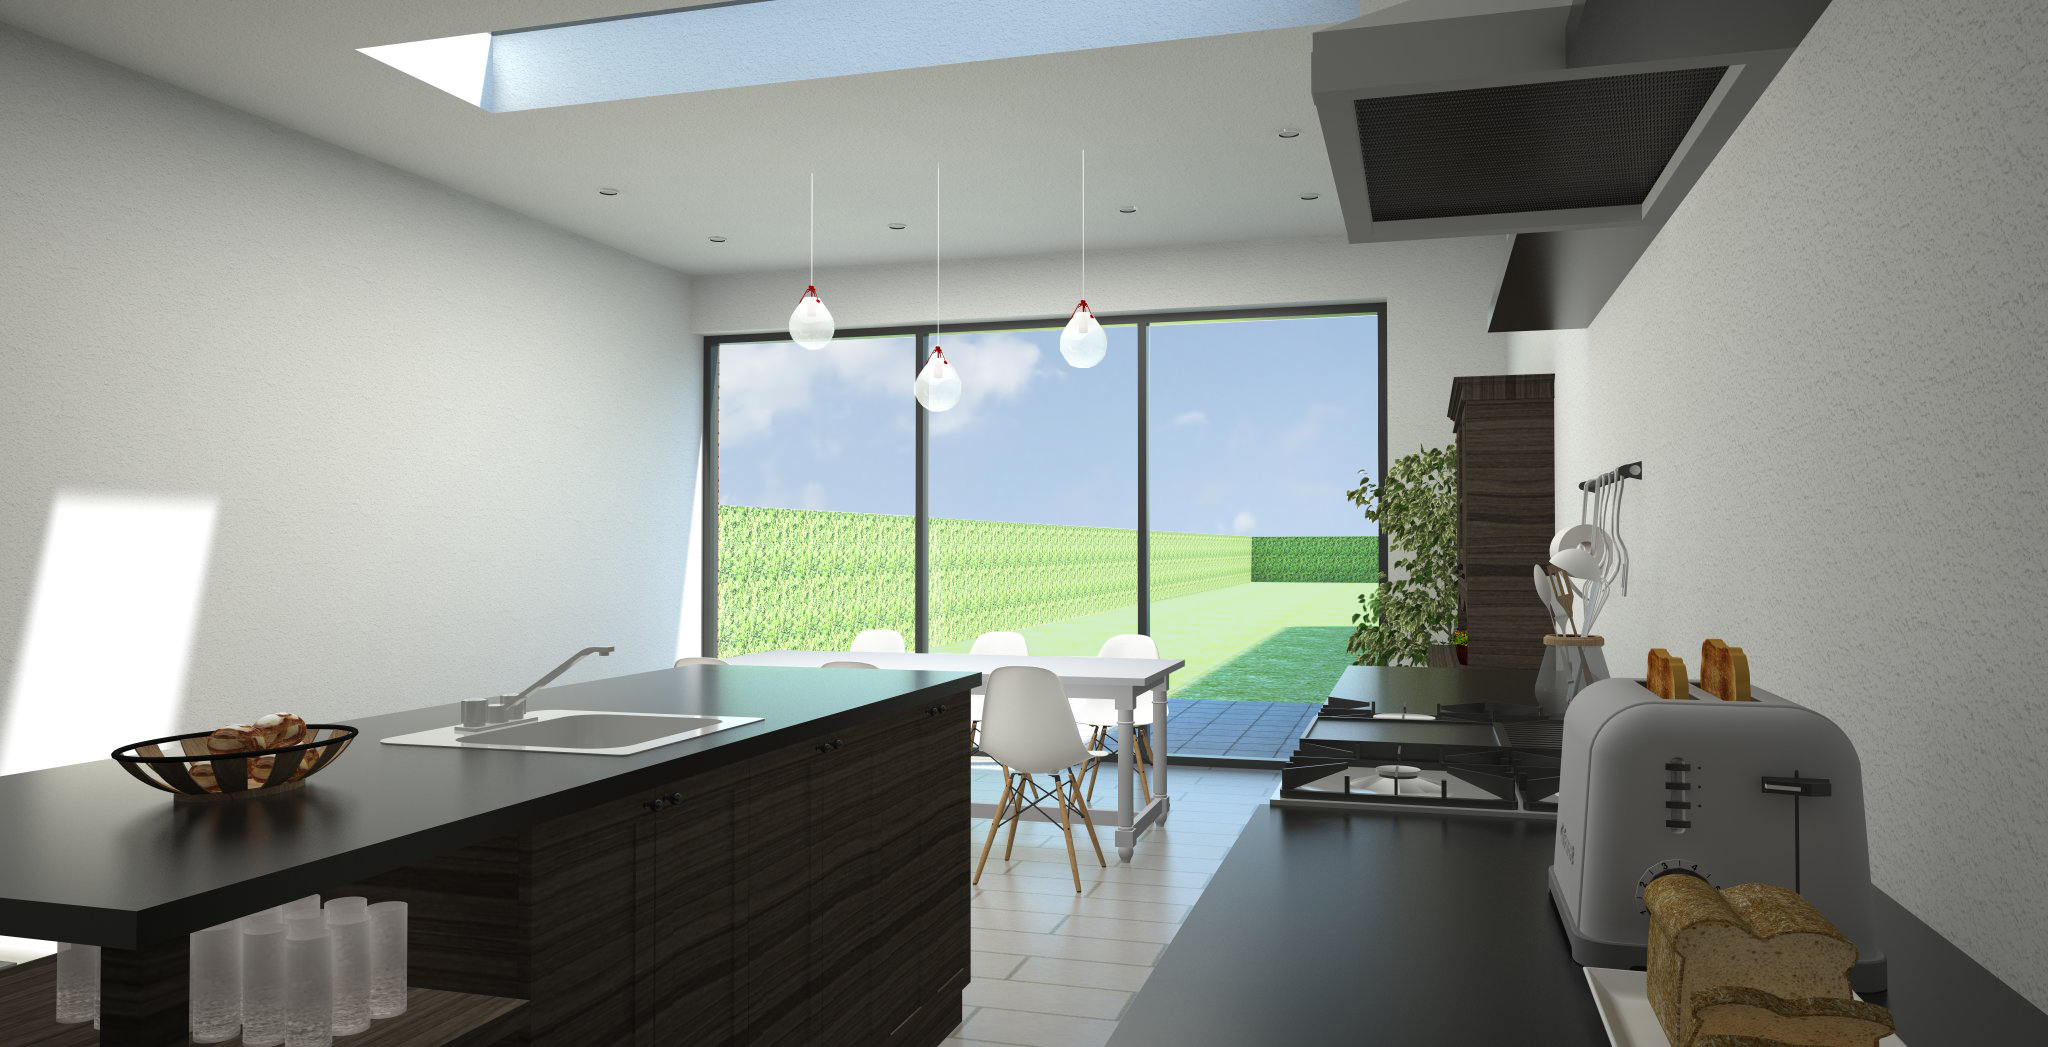 Woonkamer met vide beste inspiratie voor interieur design en meubels idee n for Mezzanine in de woonkamer